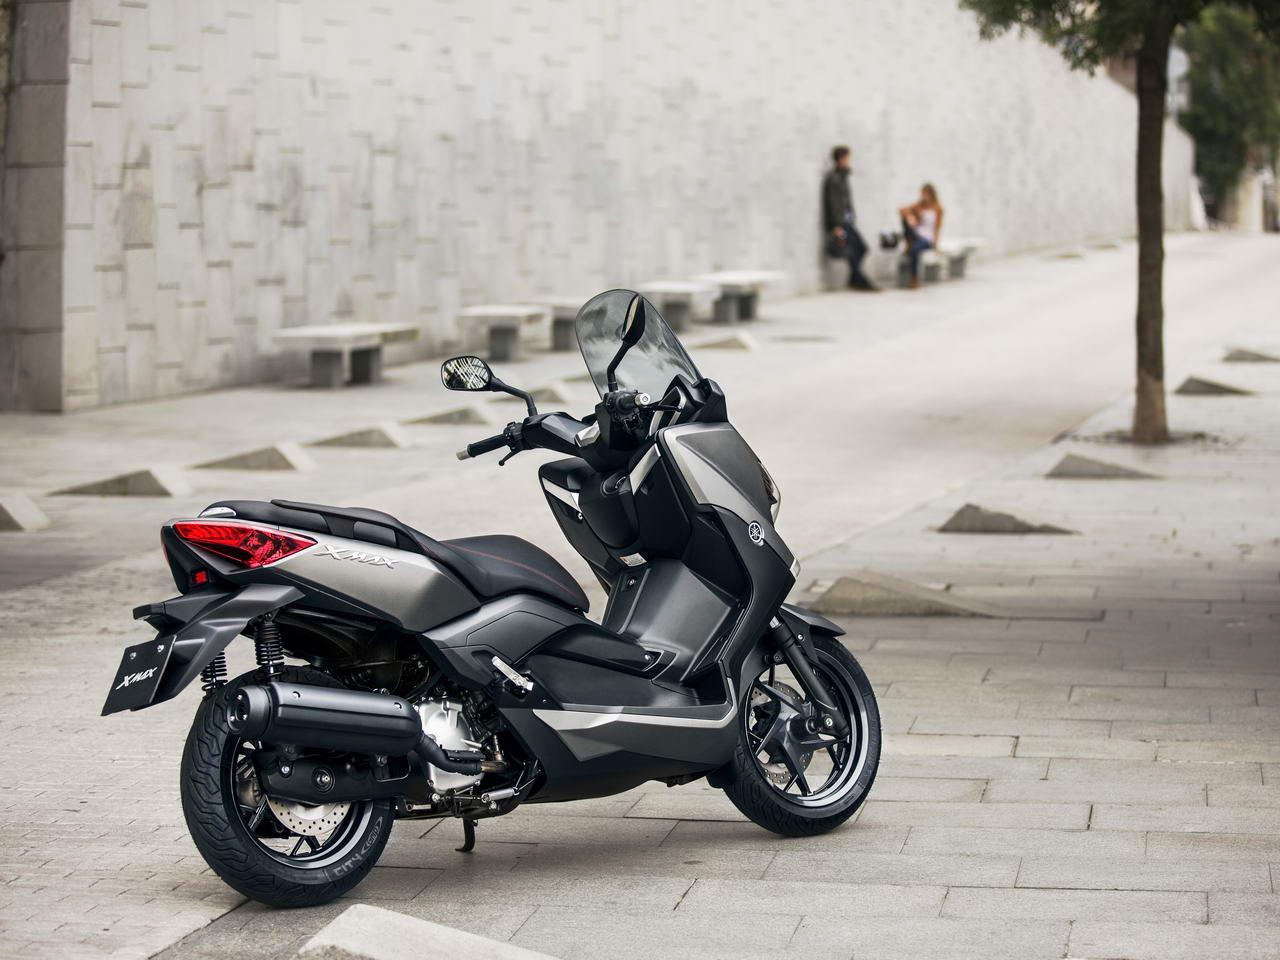 Listino Yamaha MT 07 Naked Media - image 14237_1 on https://moto.motori.net